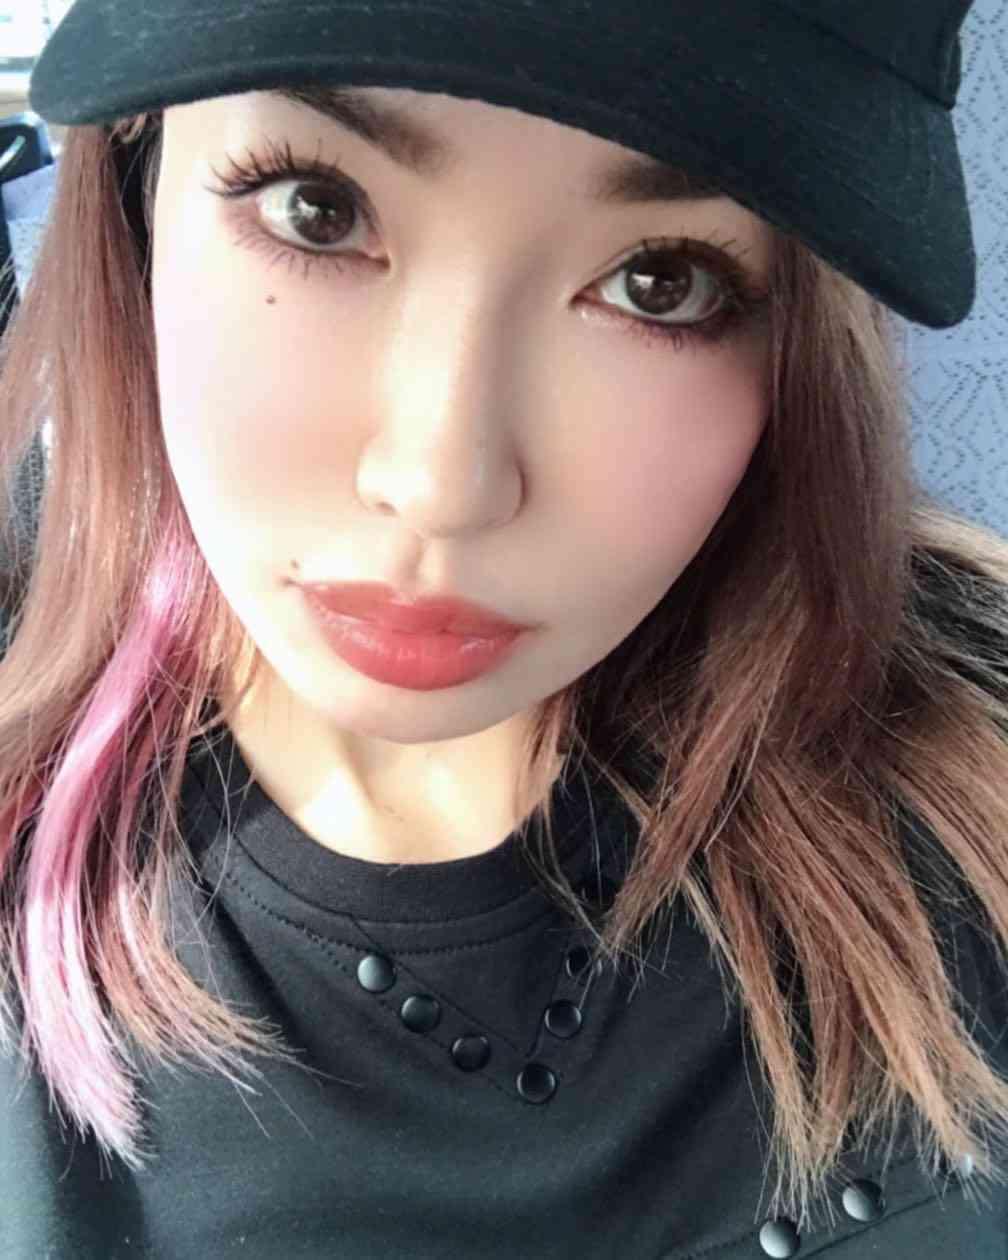 平子理沙、11歳当時の写真にも美魔女の風格が?「すでに完成してる」の声